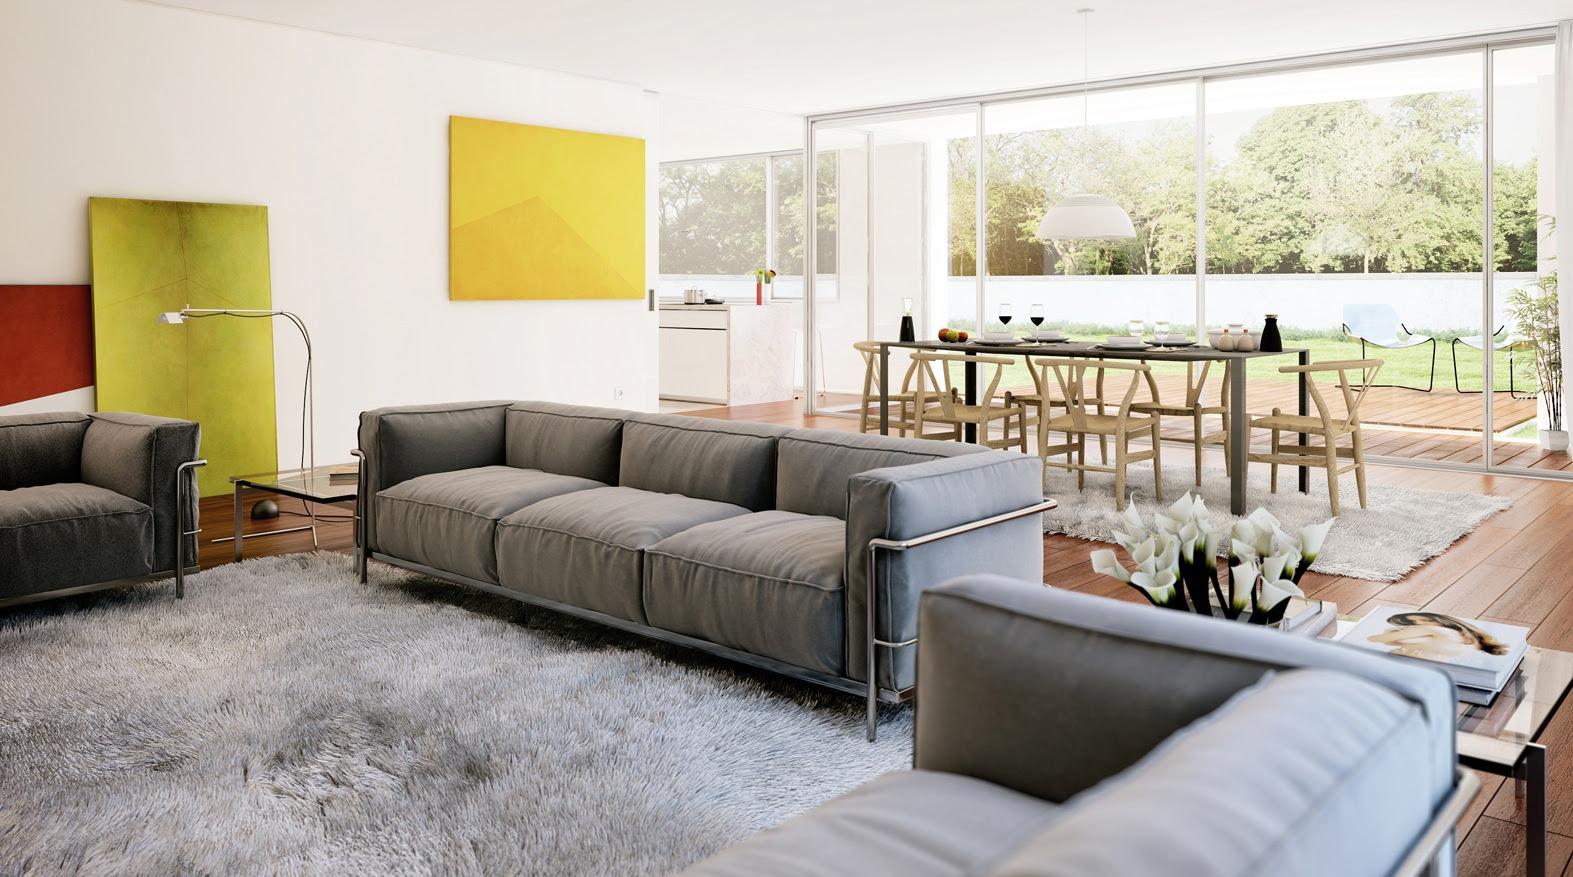 Open Plan Living Room Dining Room Ideas Aldystalkerz Blogspot Com